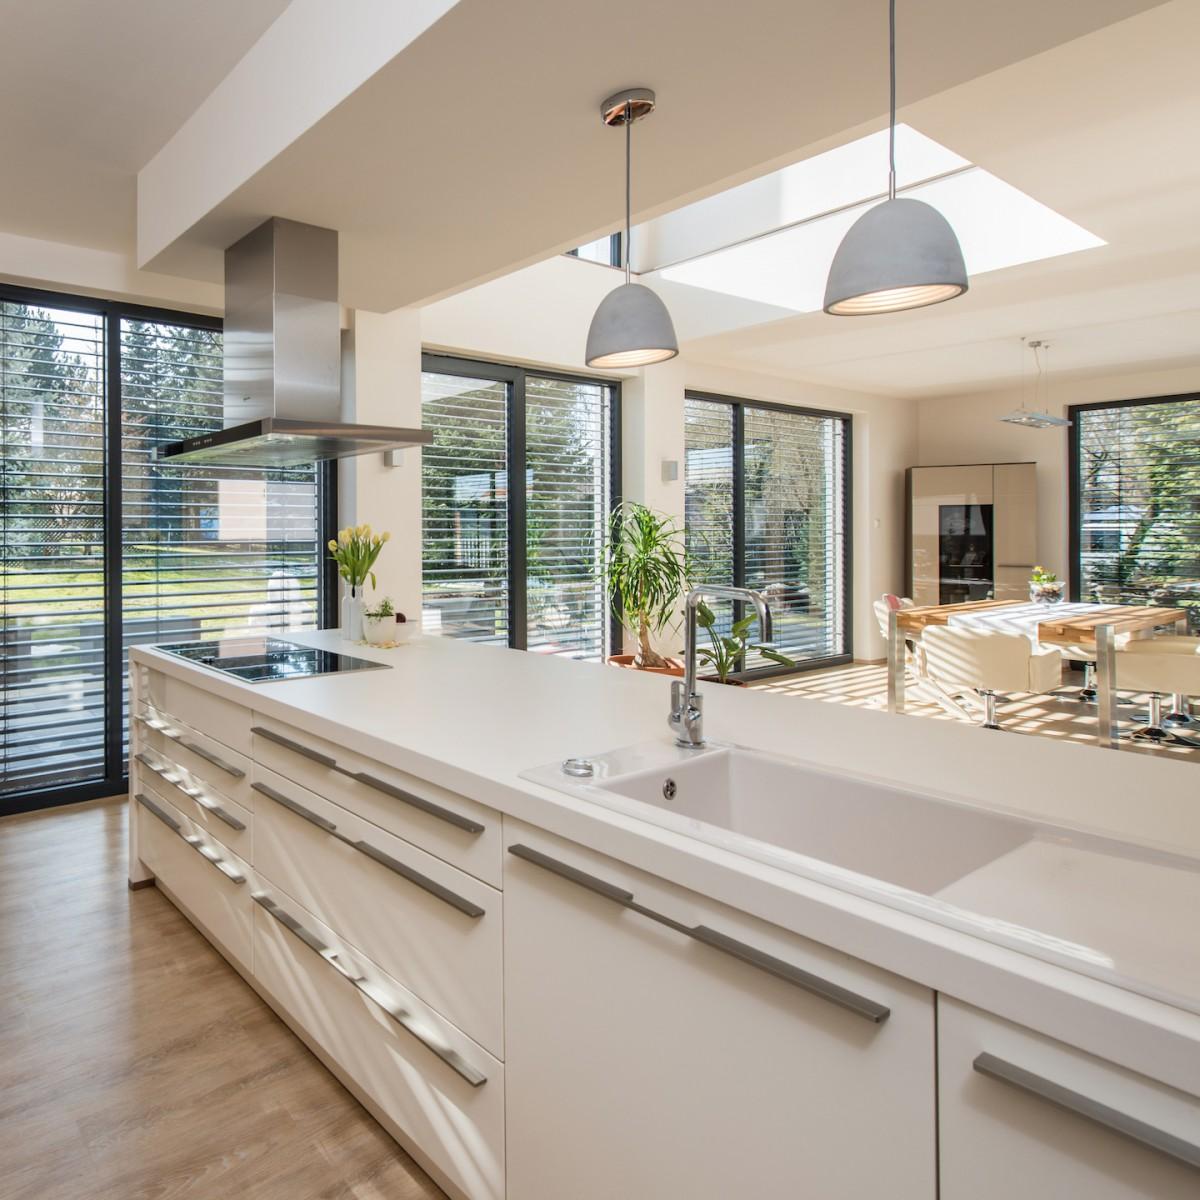 Offene Küchengestaltung: Wohnhaus Wehner / Graul